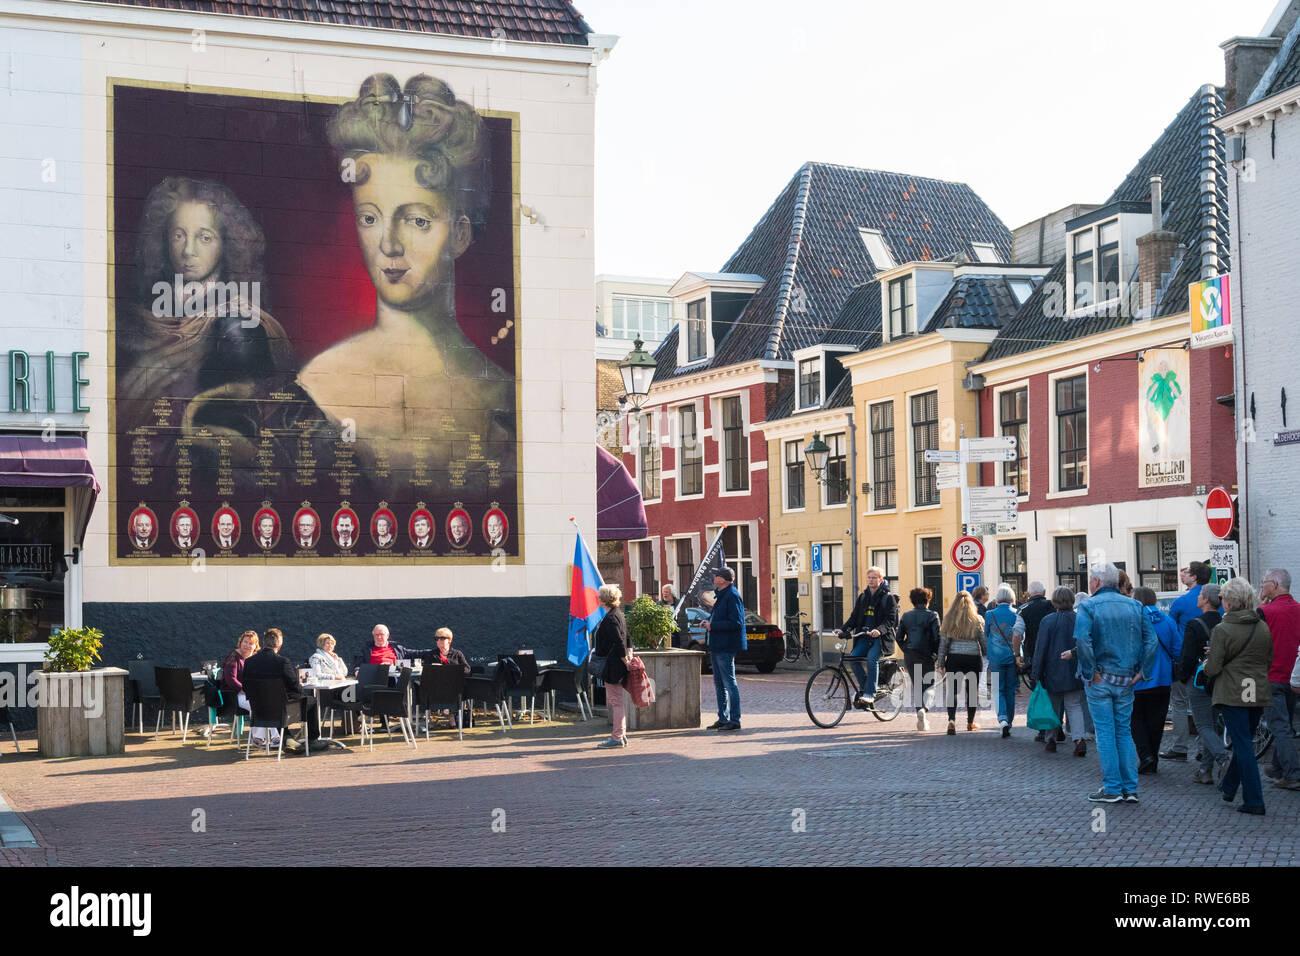 Leeuwarden, Países Bajos - turistas mirando el mural de Landgravine María Luisa de Hesse-Kassel durante Leeuwarden-Friesland Capital Europea de la cultura 2018 Imagen De Stock